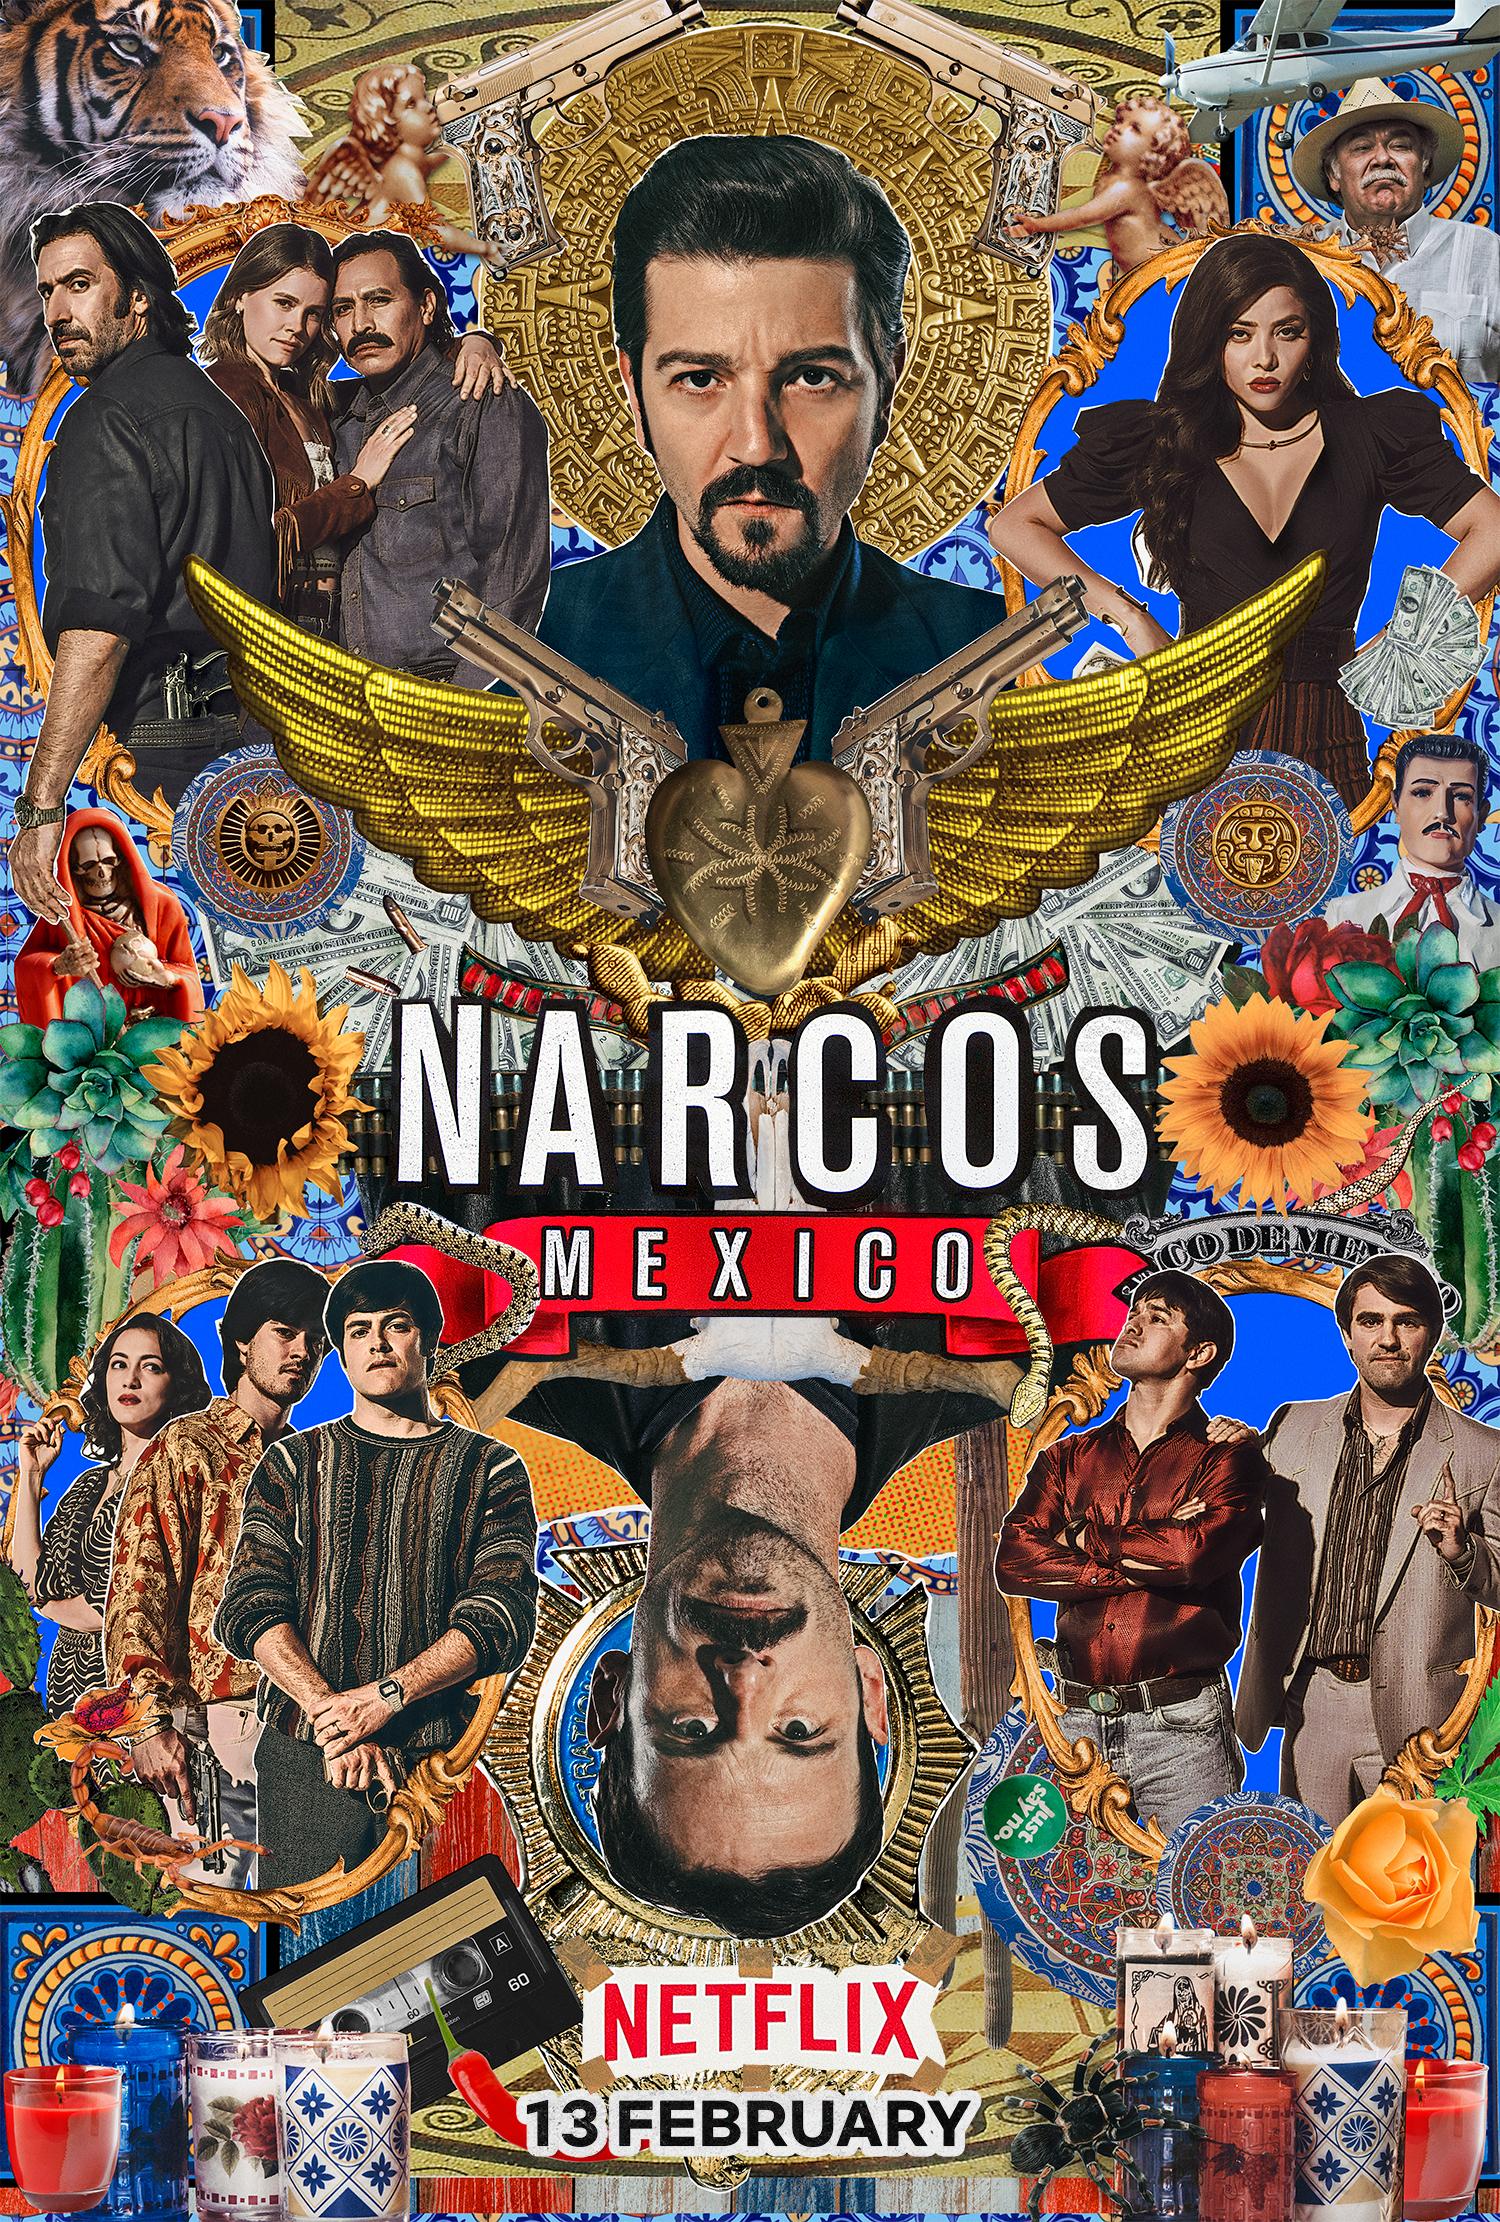 Narcos S01e01